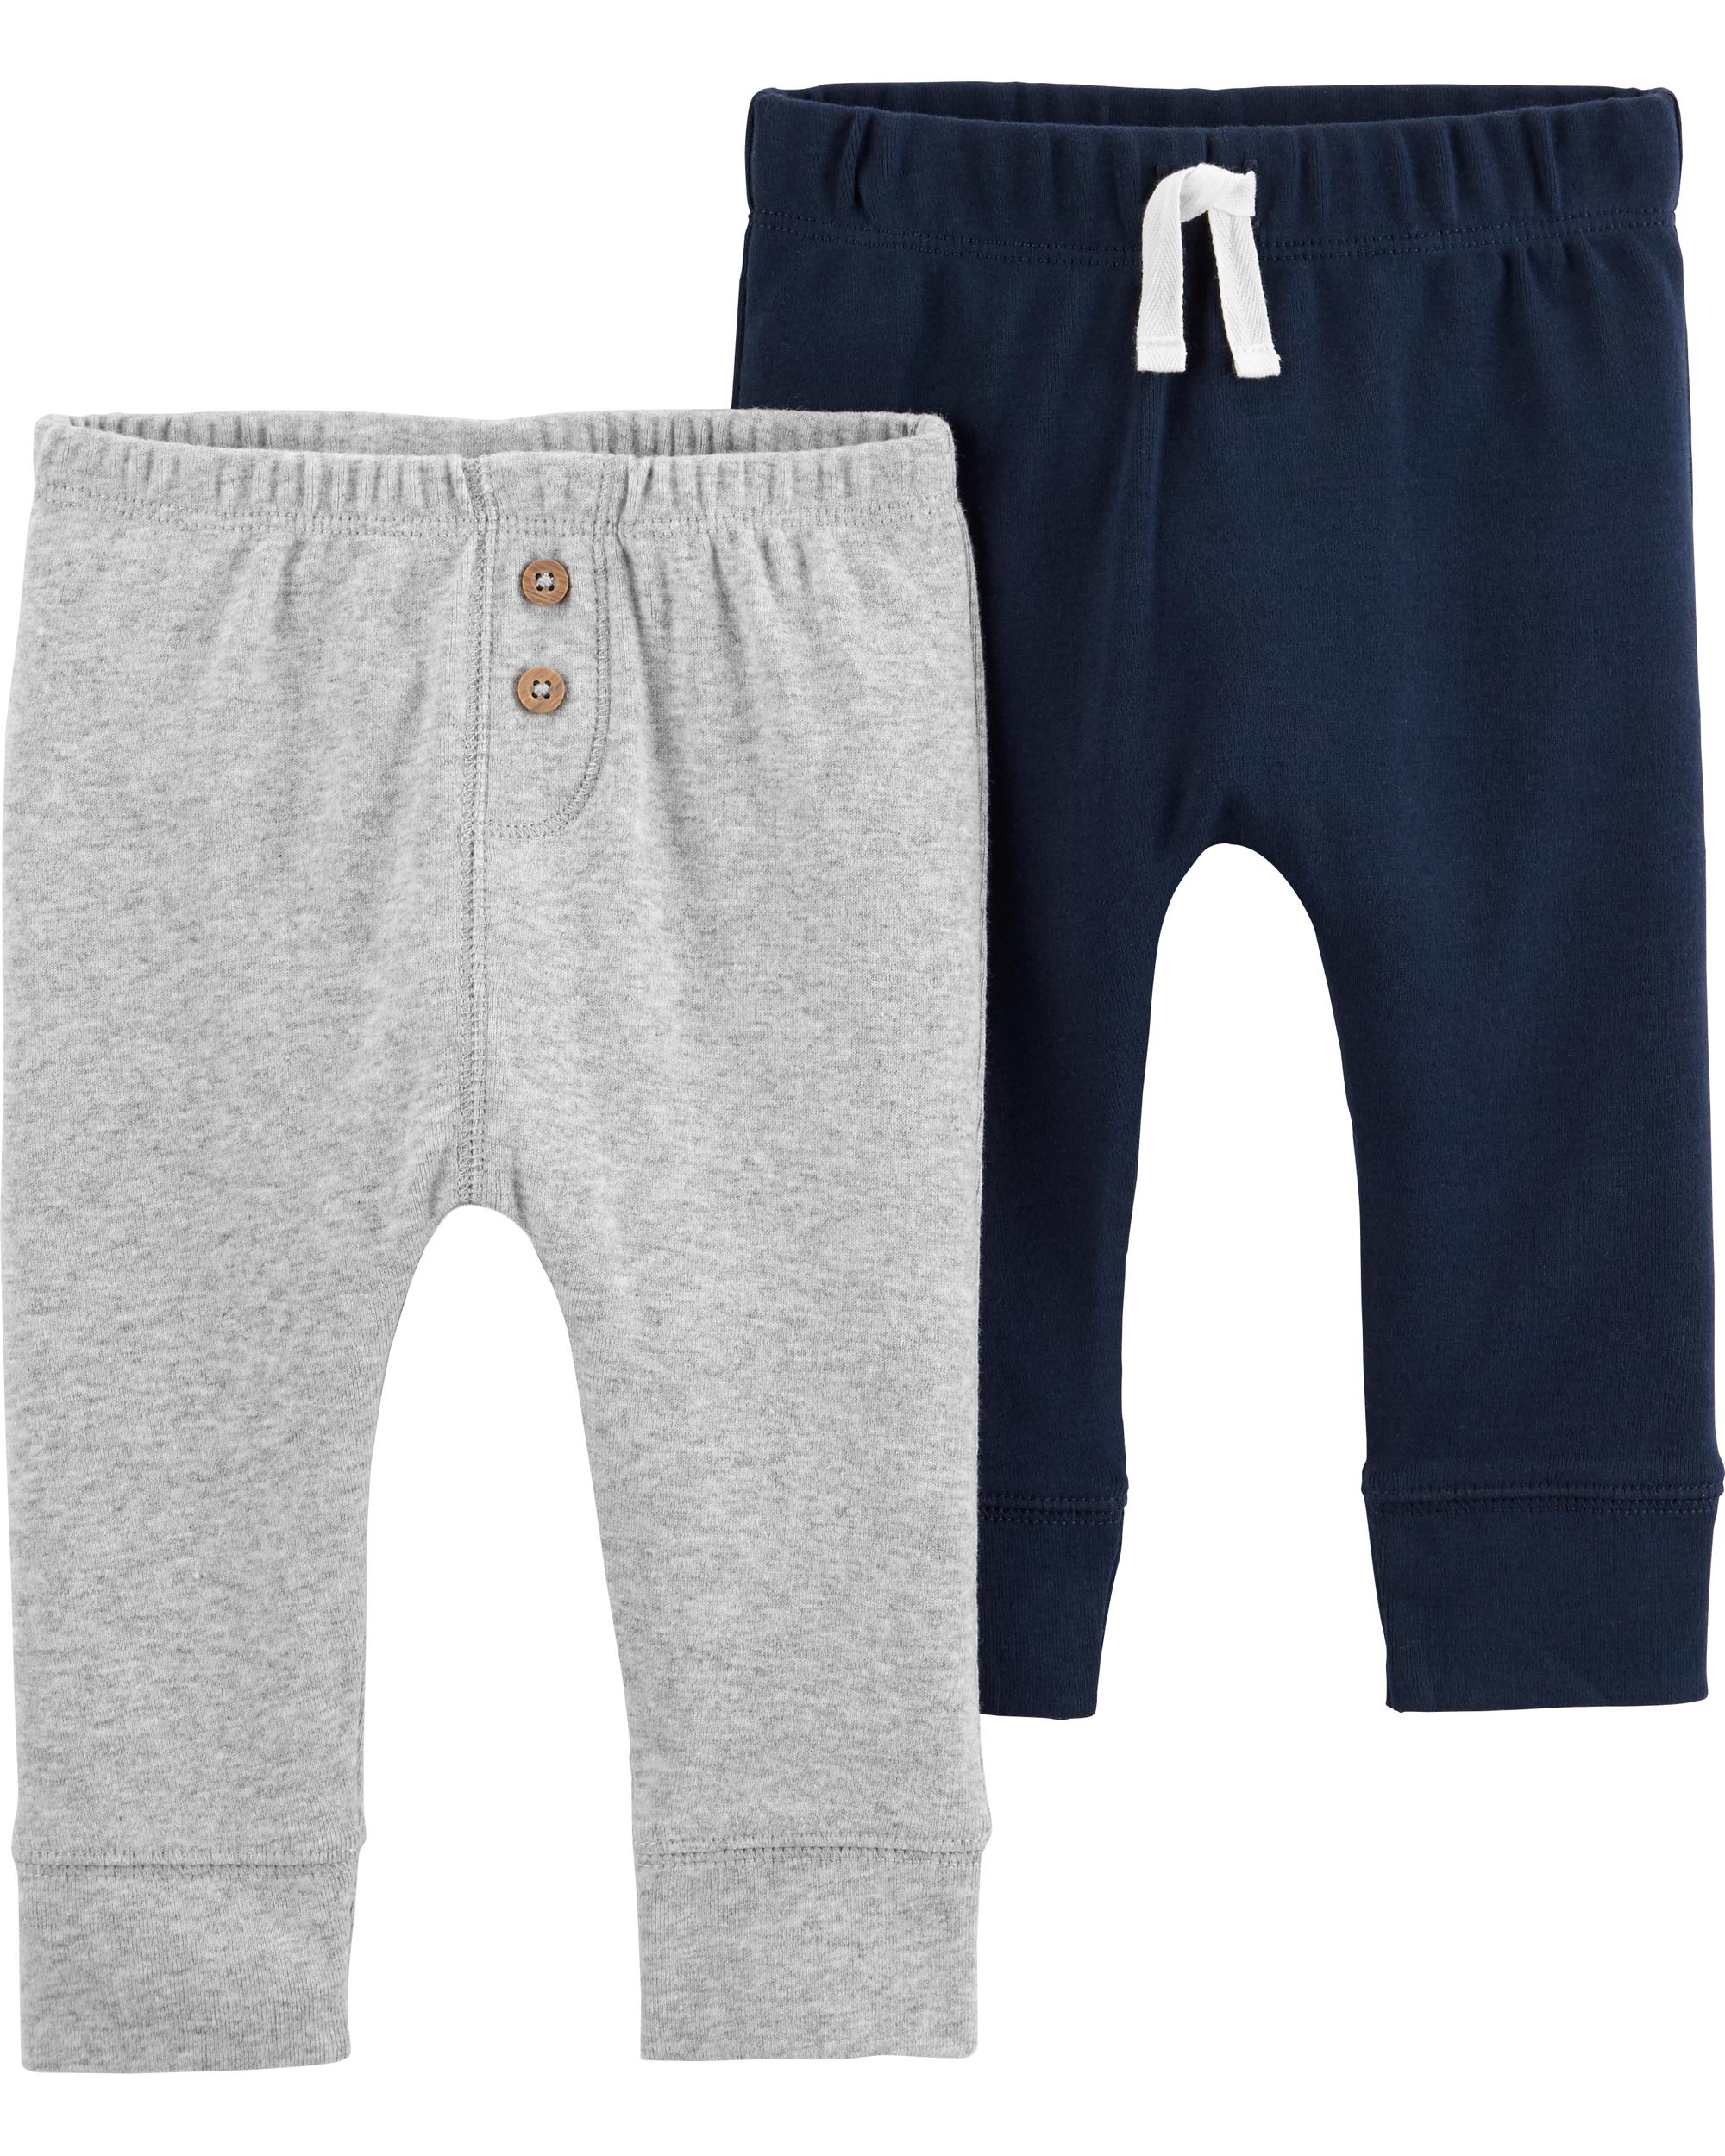 זוג מכנסיים נייבי/מלאנג'